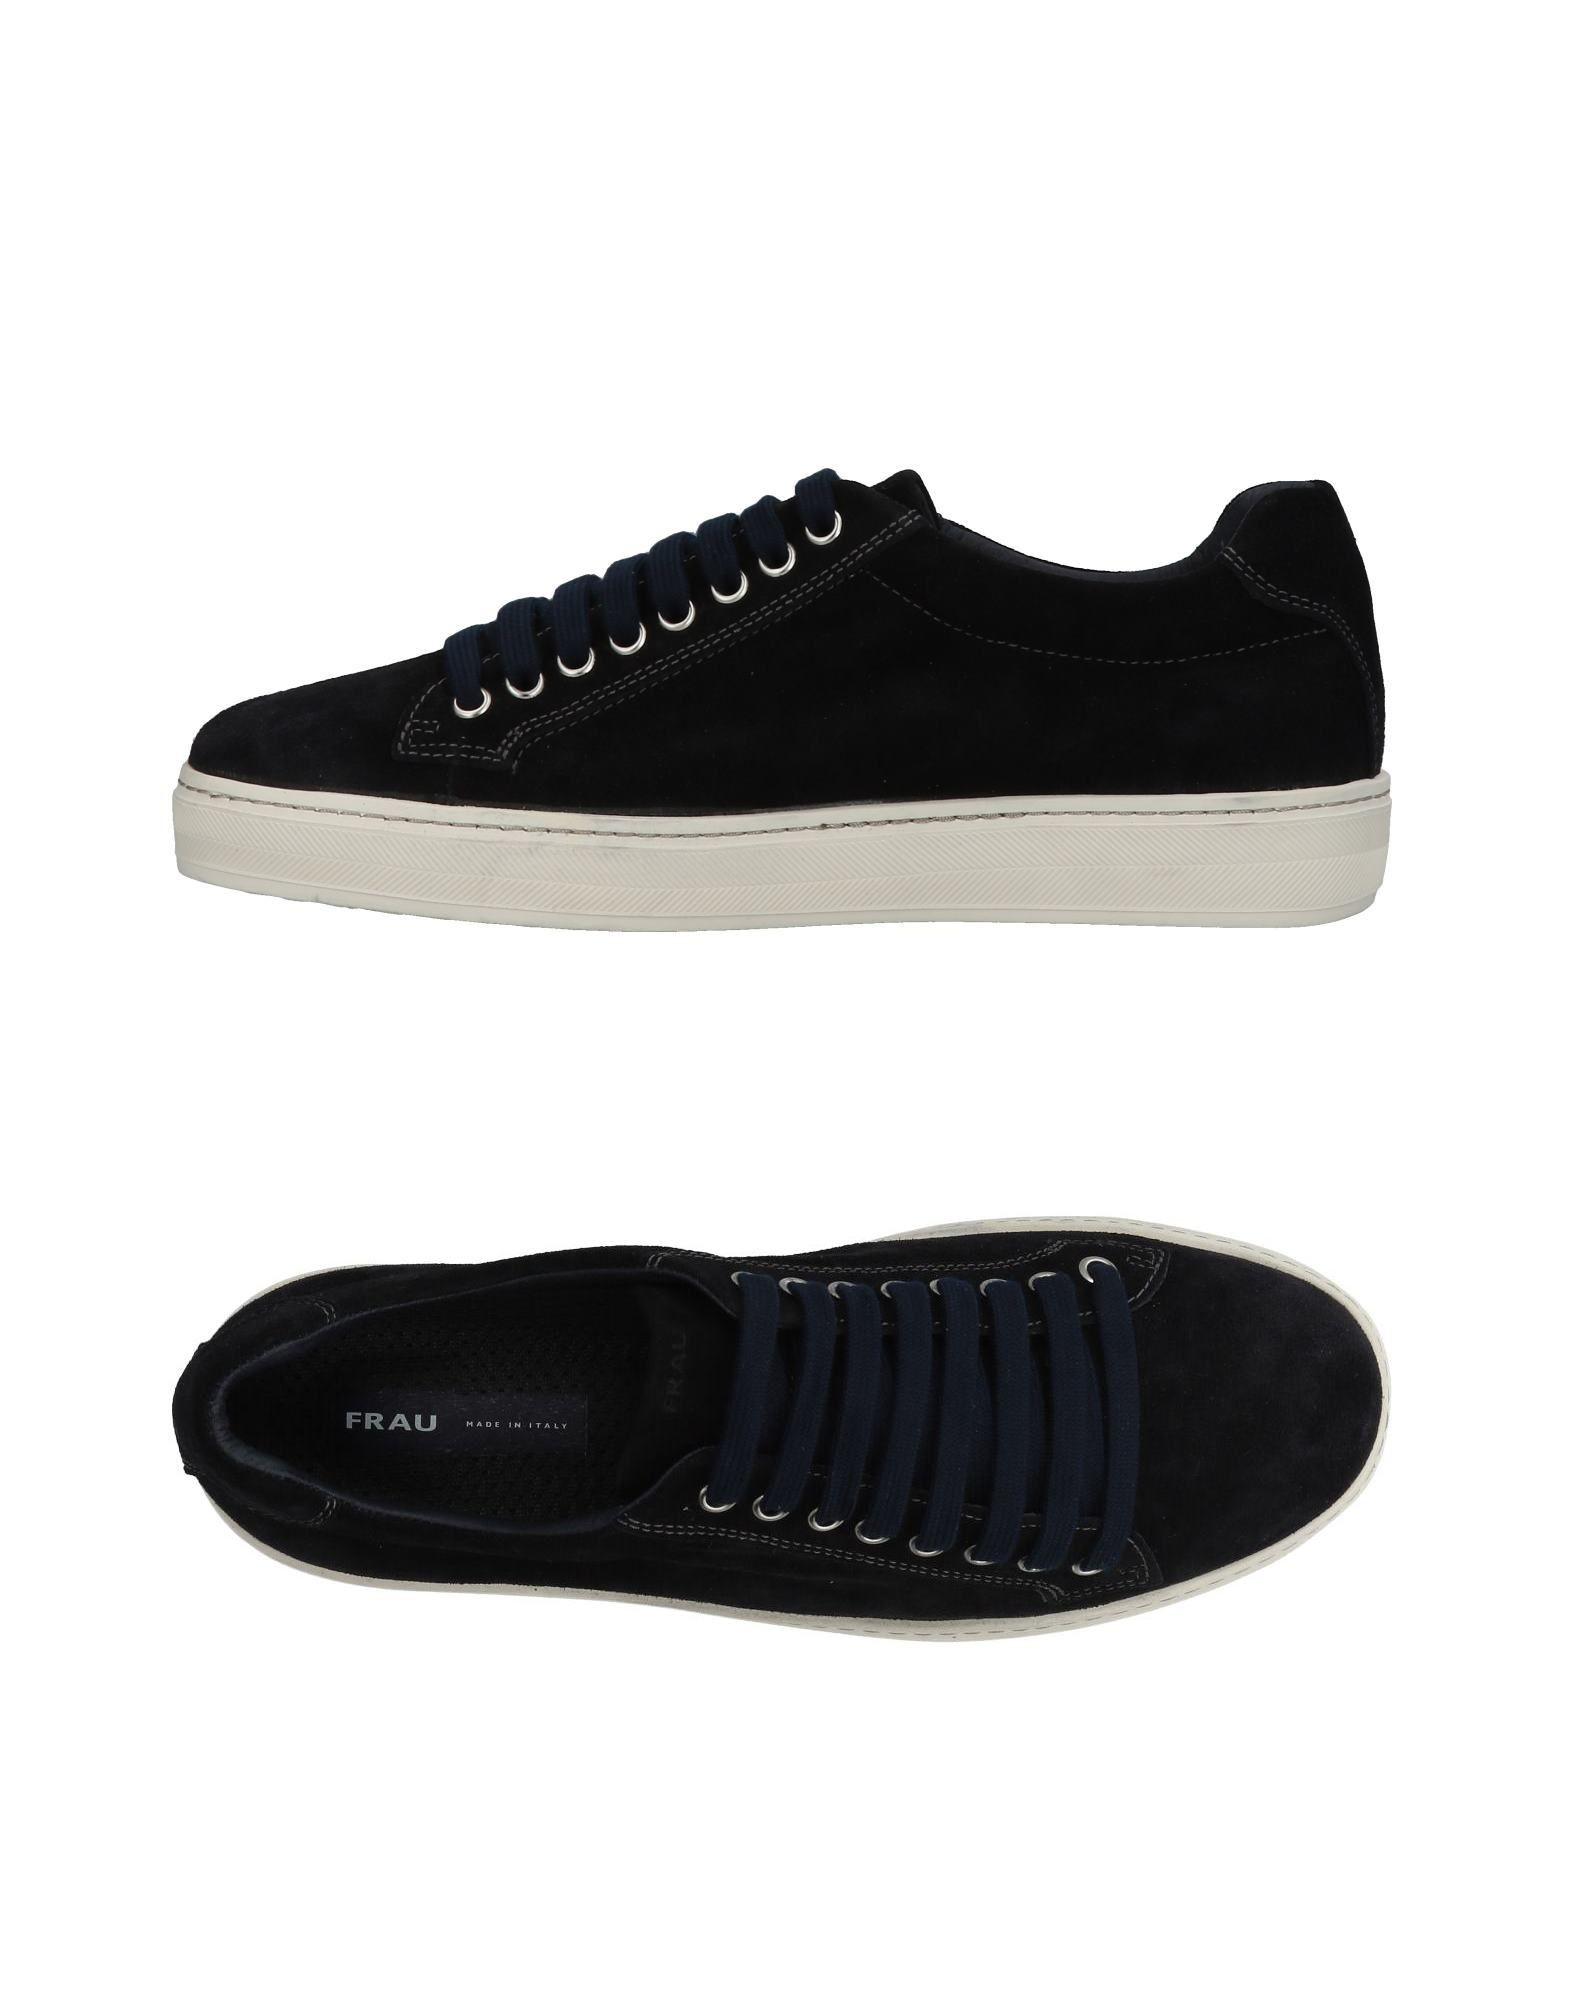 Sneakers Frau Homme - Sneakers Frau  Bleu foncé Dernières chaussures discount pour hommes et femmes